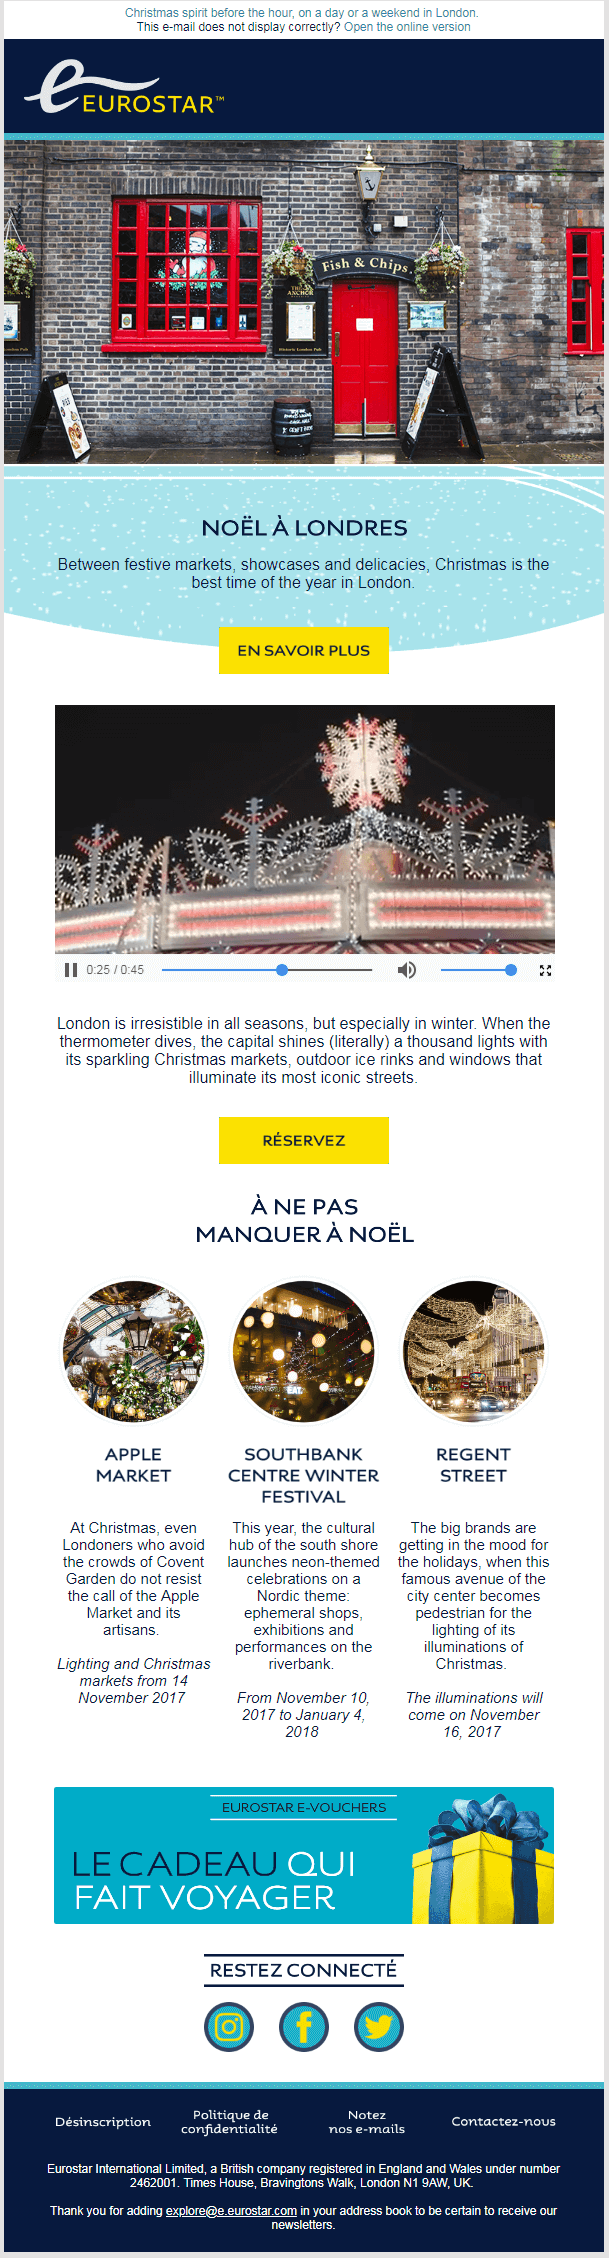 Eurostar email